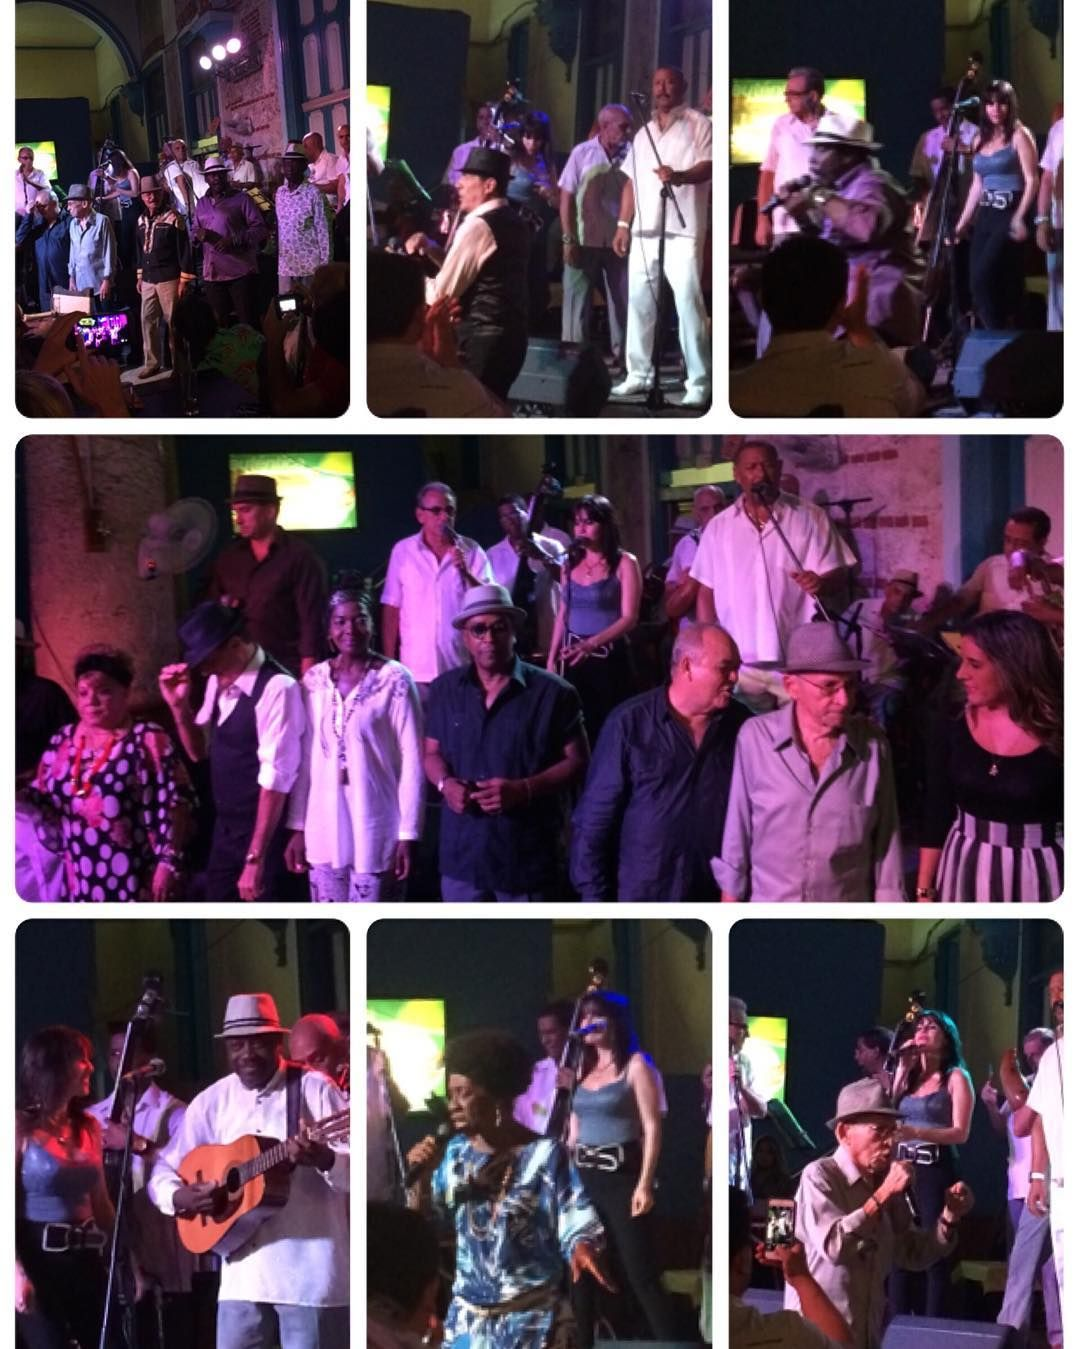 Koncert Buena Vista Social Club Havana Cuba #cuba #havana #travel